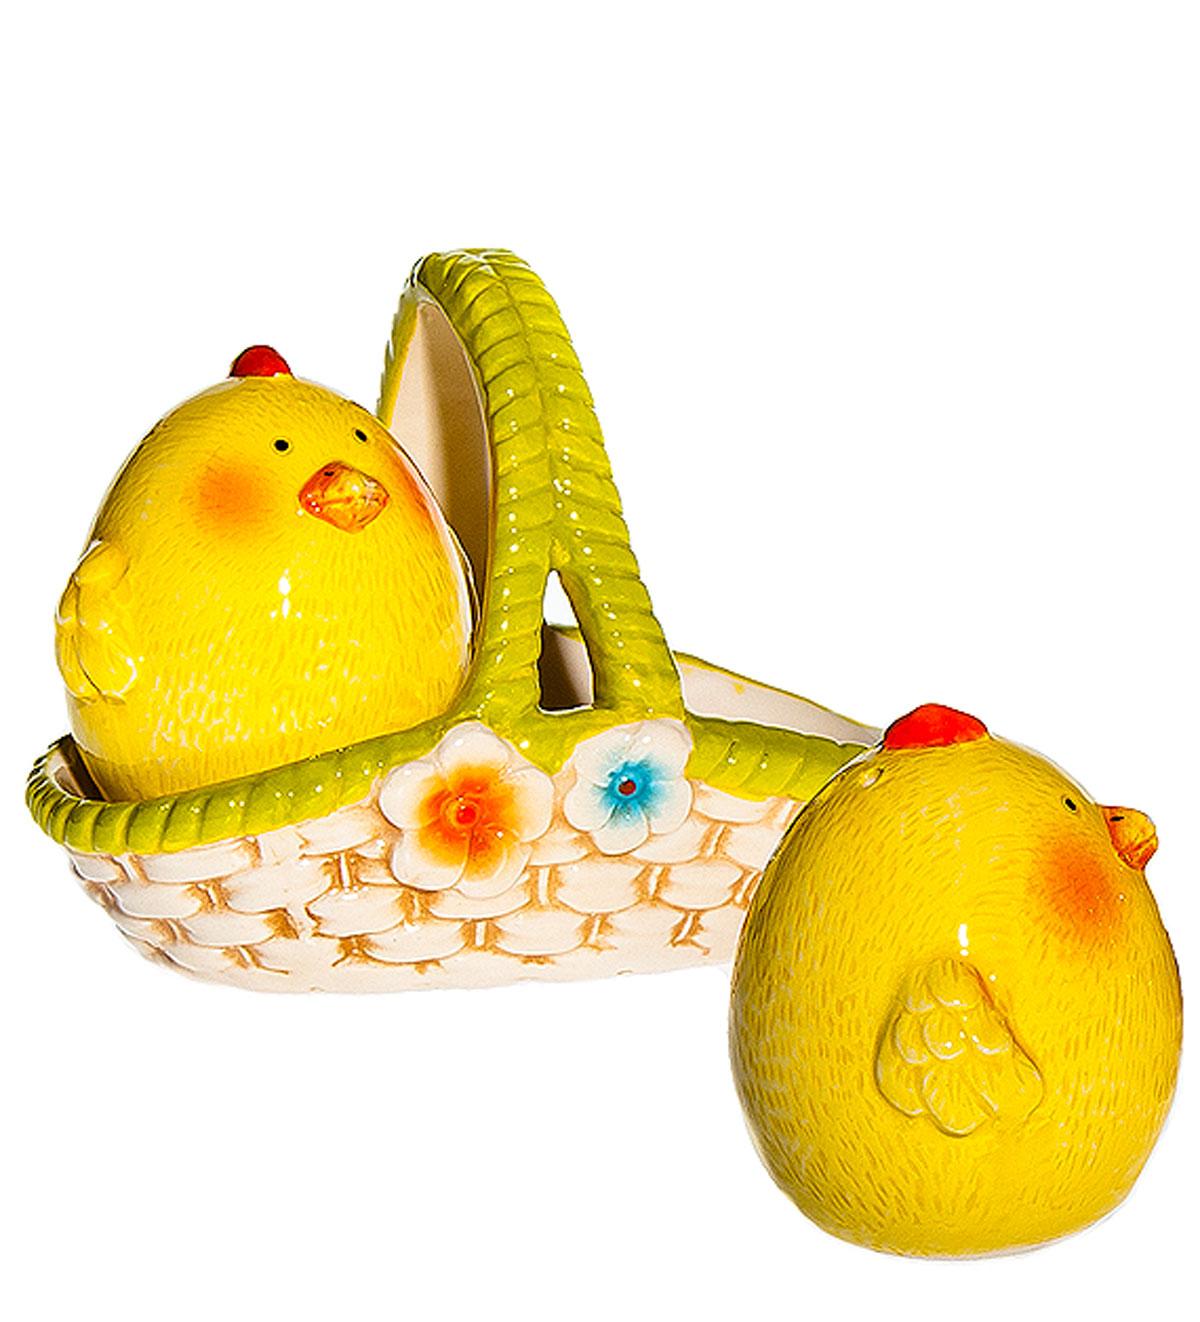 Набор для специй Home Queen Цыплята близнецы, с подставкой, цвет: желтый, зеленый, 3 предмета64306_1Набор для специй Home Queen Цыплята близнецы, изготовленный из высококачественной керамики, состоит из солонки и перечницы, размещенных на подставке. Изделия выполнены в форме двух забавных цыплят. Солонка и перечница легки в использовании: стоит только перевернуть емкости, и вы с легкостью сможете поперчить или добавить соль по вкусу в любое блюдо. Набор для специй Home Queen Цыплята близнецы будет прекрасным украшением вашего стола на Пасху, а также приятным подарком родным и близким. Размер солонки, перечницы: 5 см х 5,5 см х 5,5 см. Размер подставки: 11 см х 7 см х 8,5 см.